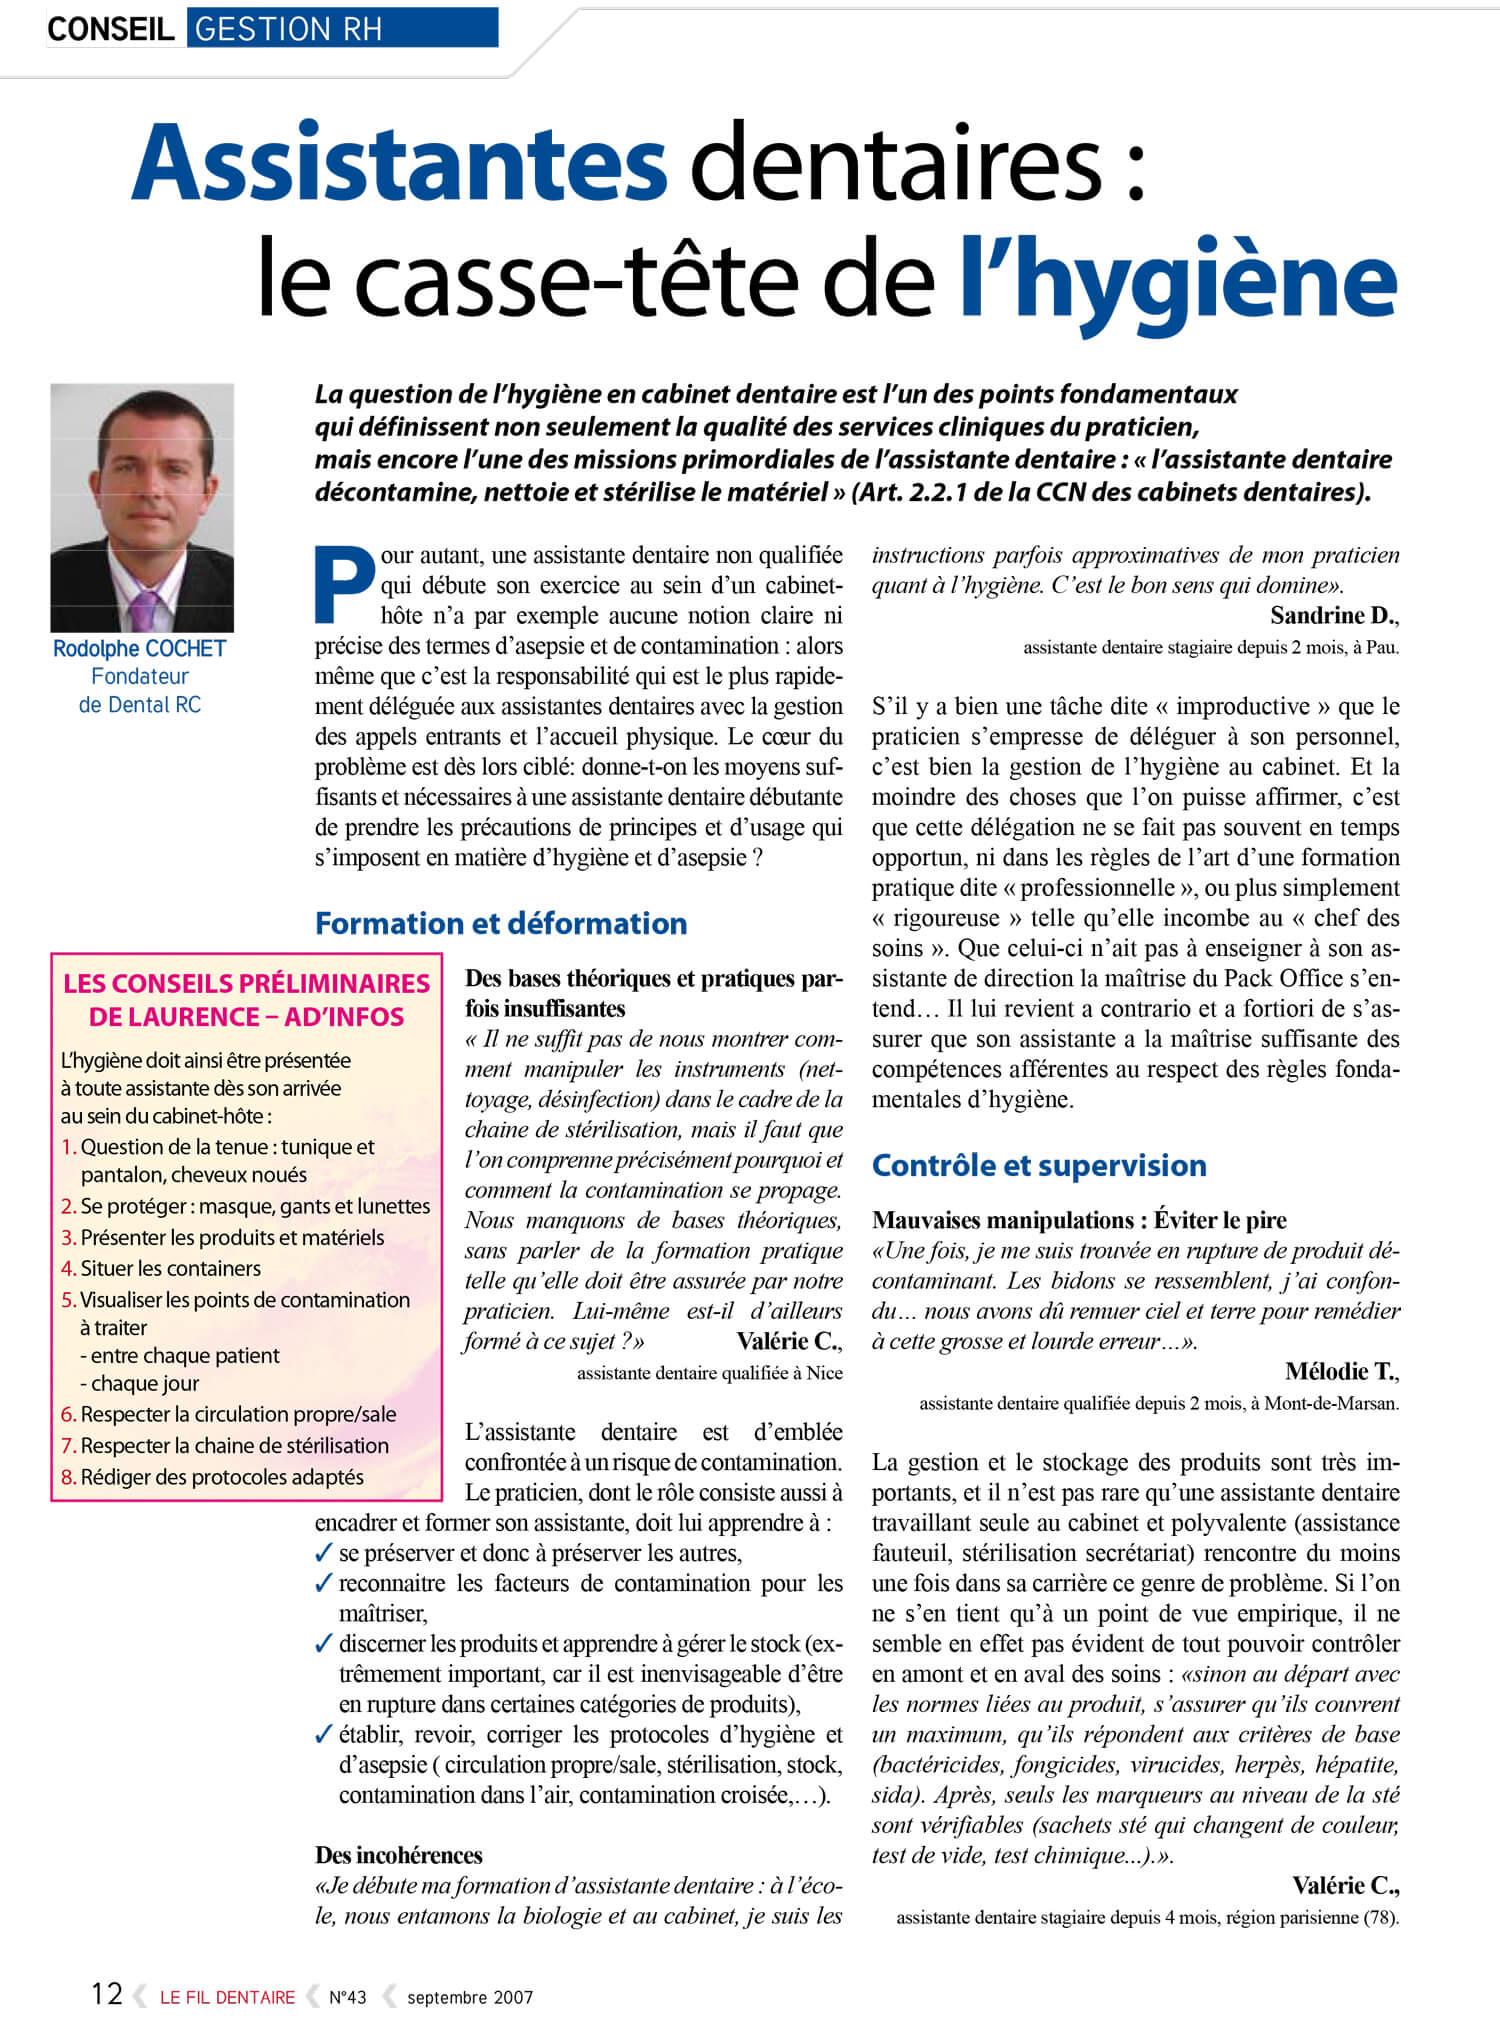 Le_Fil_Dentaire_Assistantes_dentaires_le_casse_tete_de_hygiene.jpg